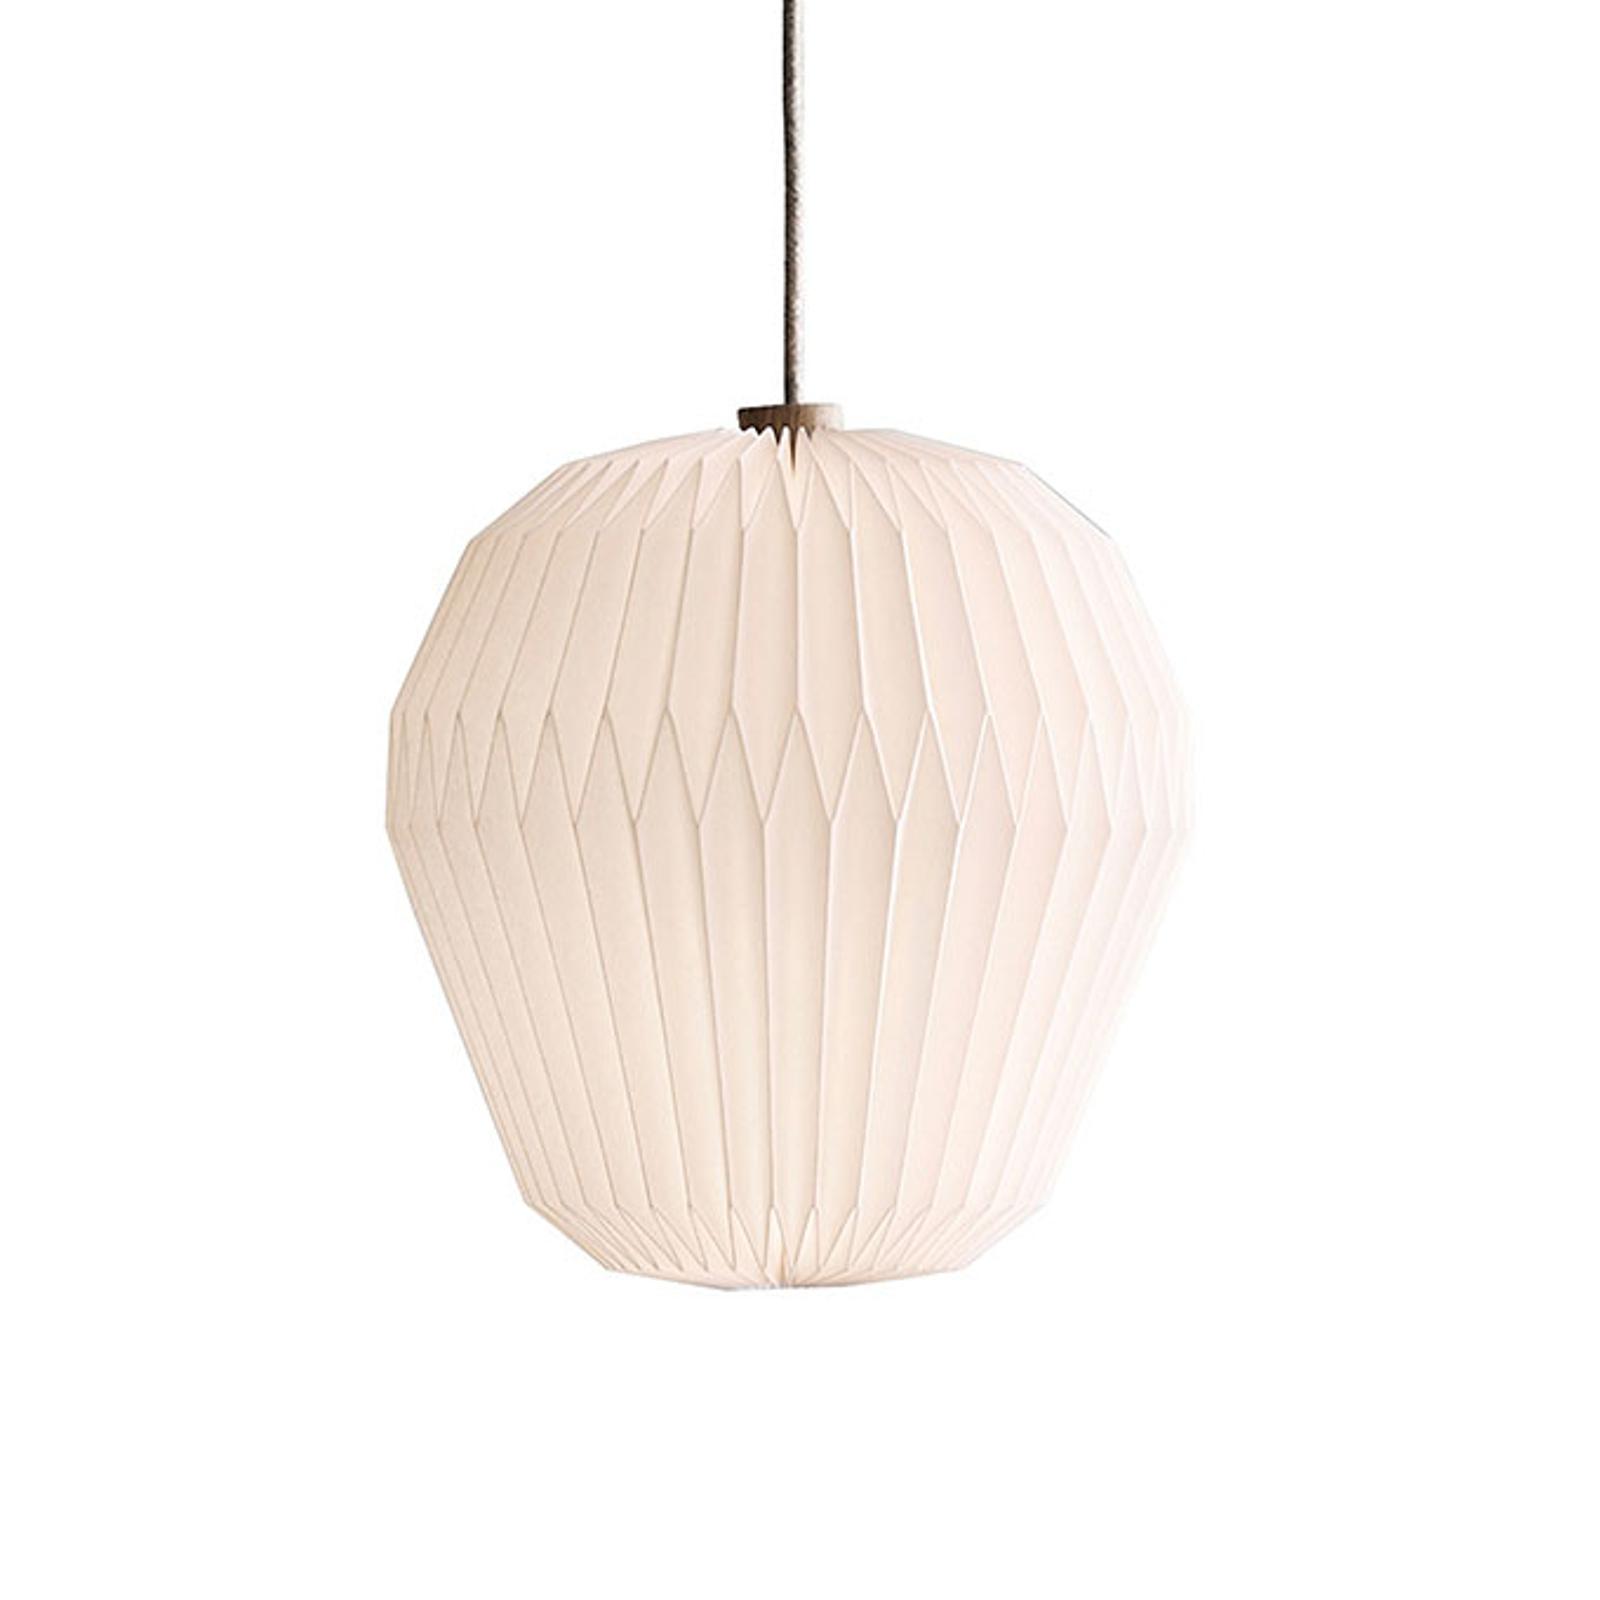 LE KLINT The Bouquet hængelampe, 1 lyskilde, Ø30cm